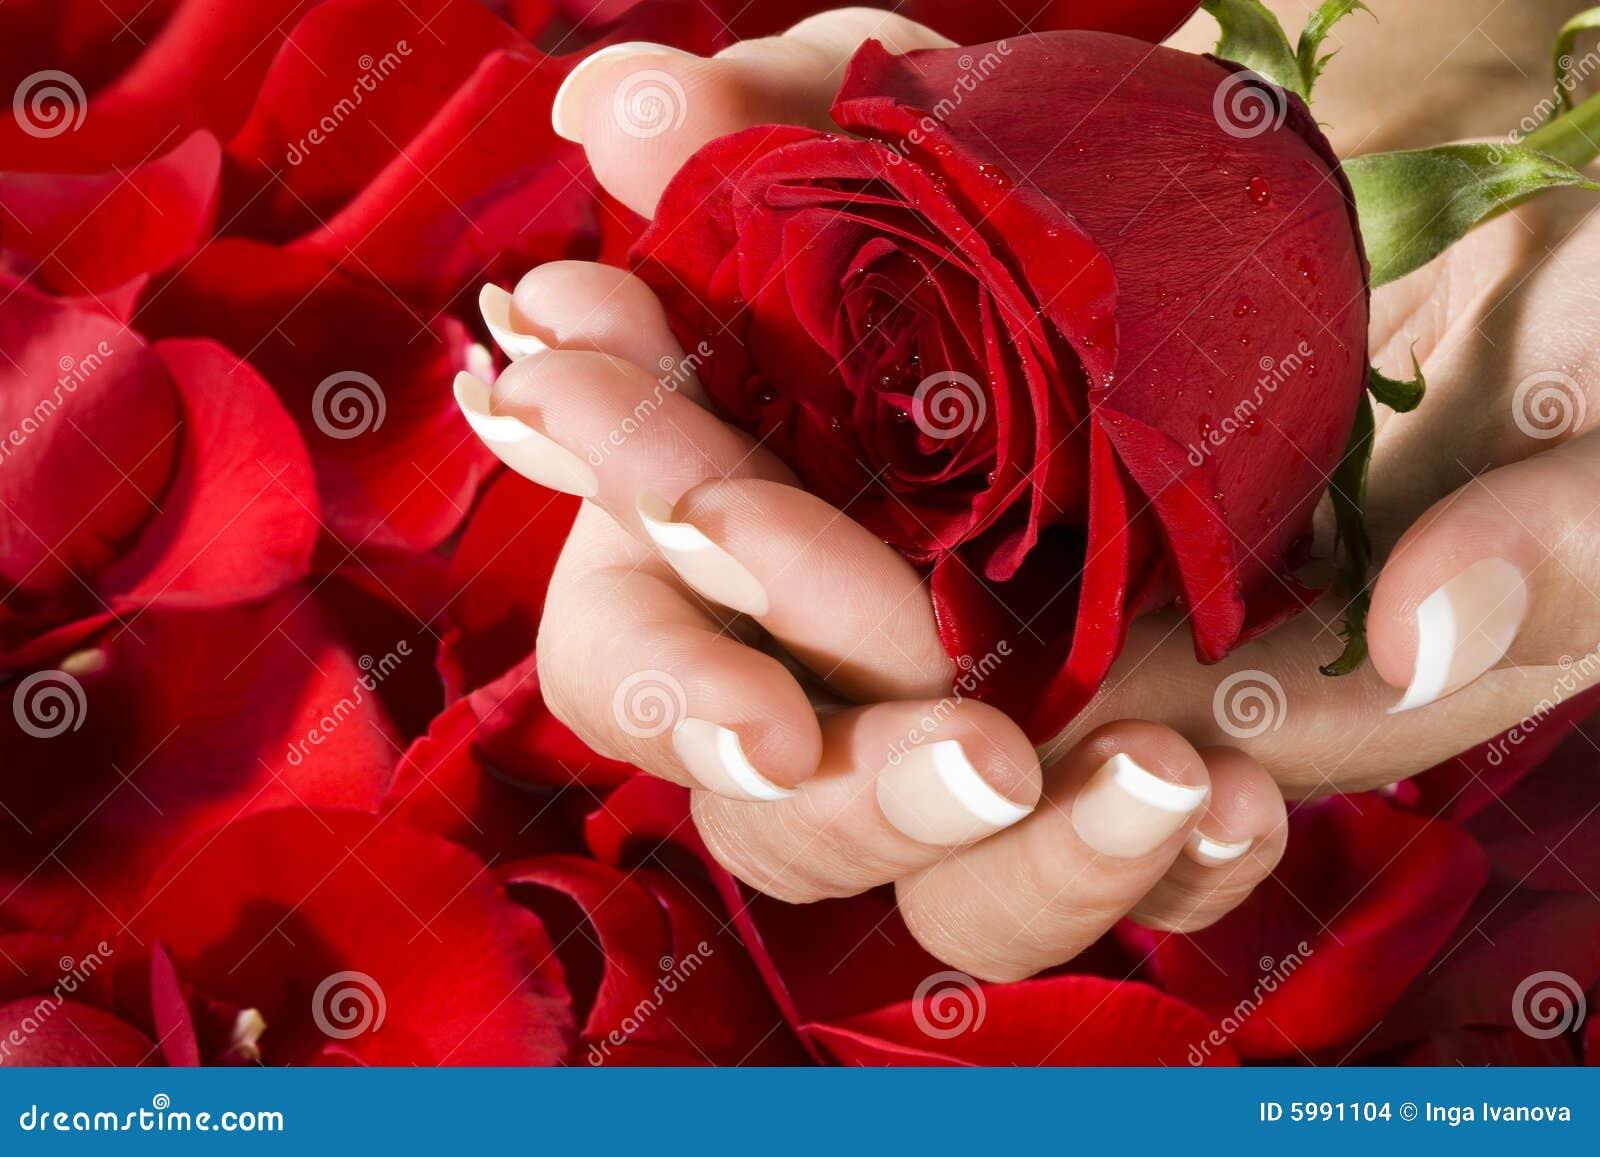 Frauenhände mit Rot stiegen